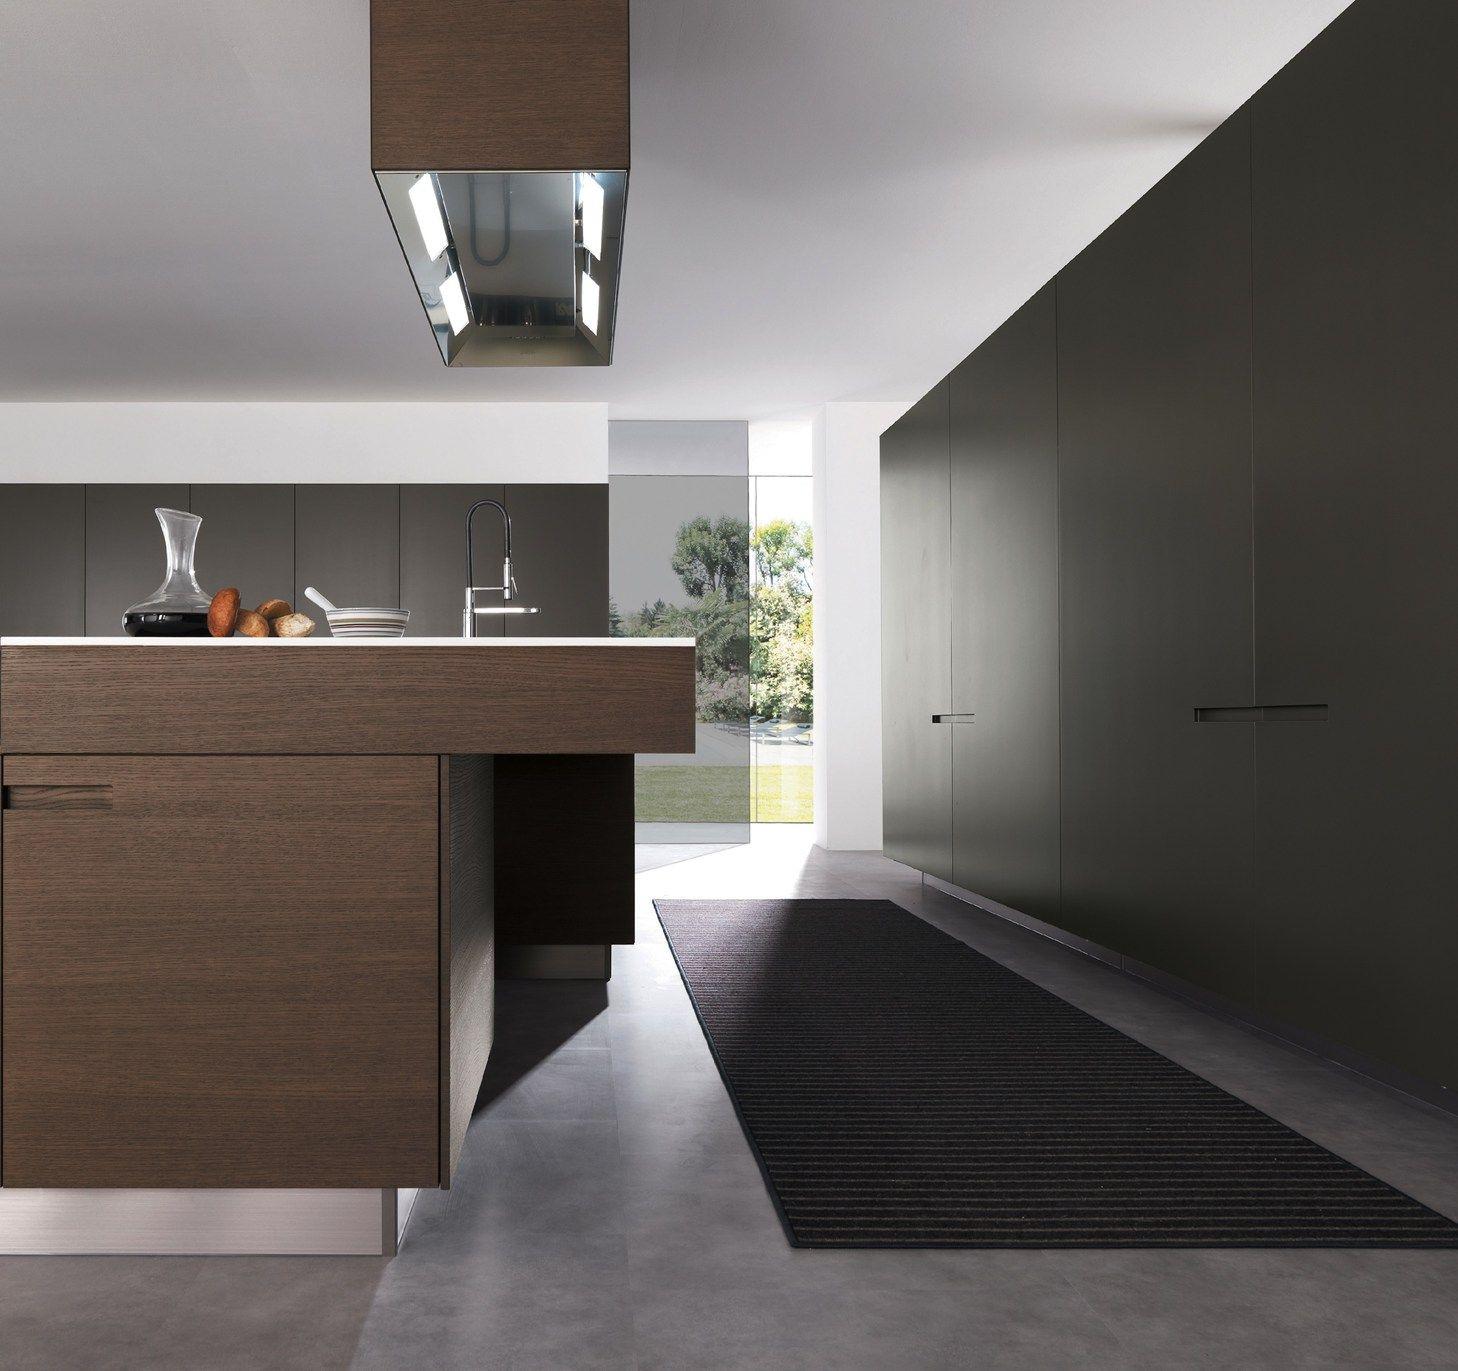 La cucina come centro vitale della casa for Euromobil 02